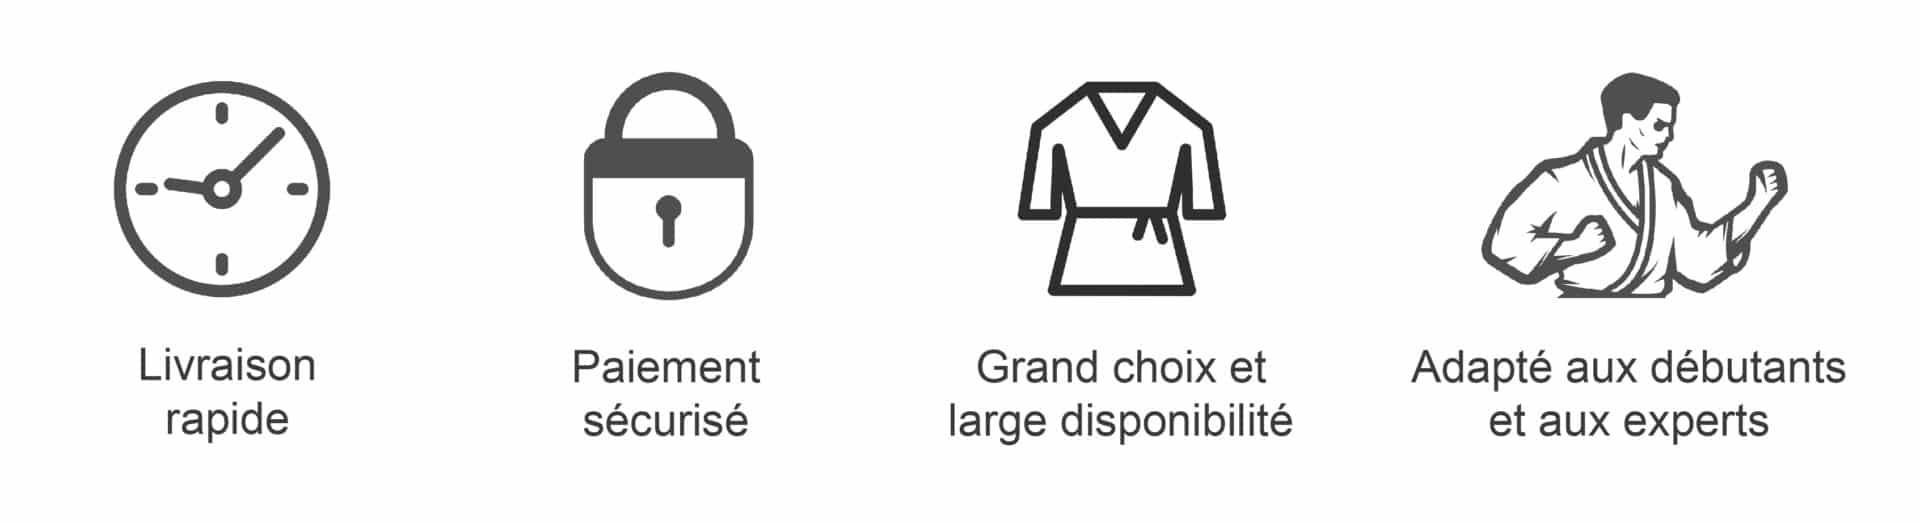 Avantages de l'e-commerce Daisho